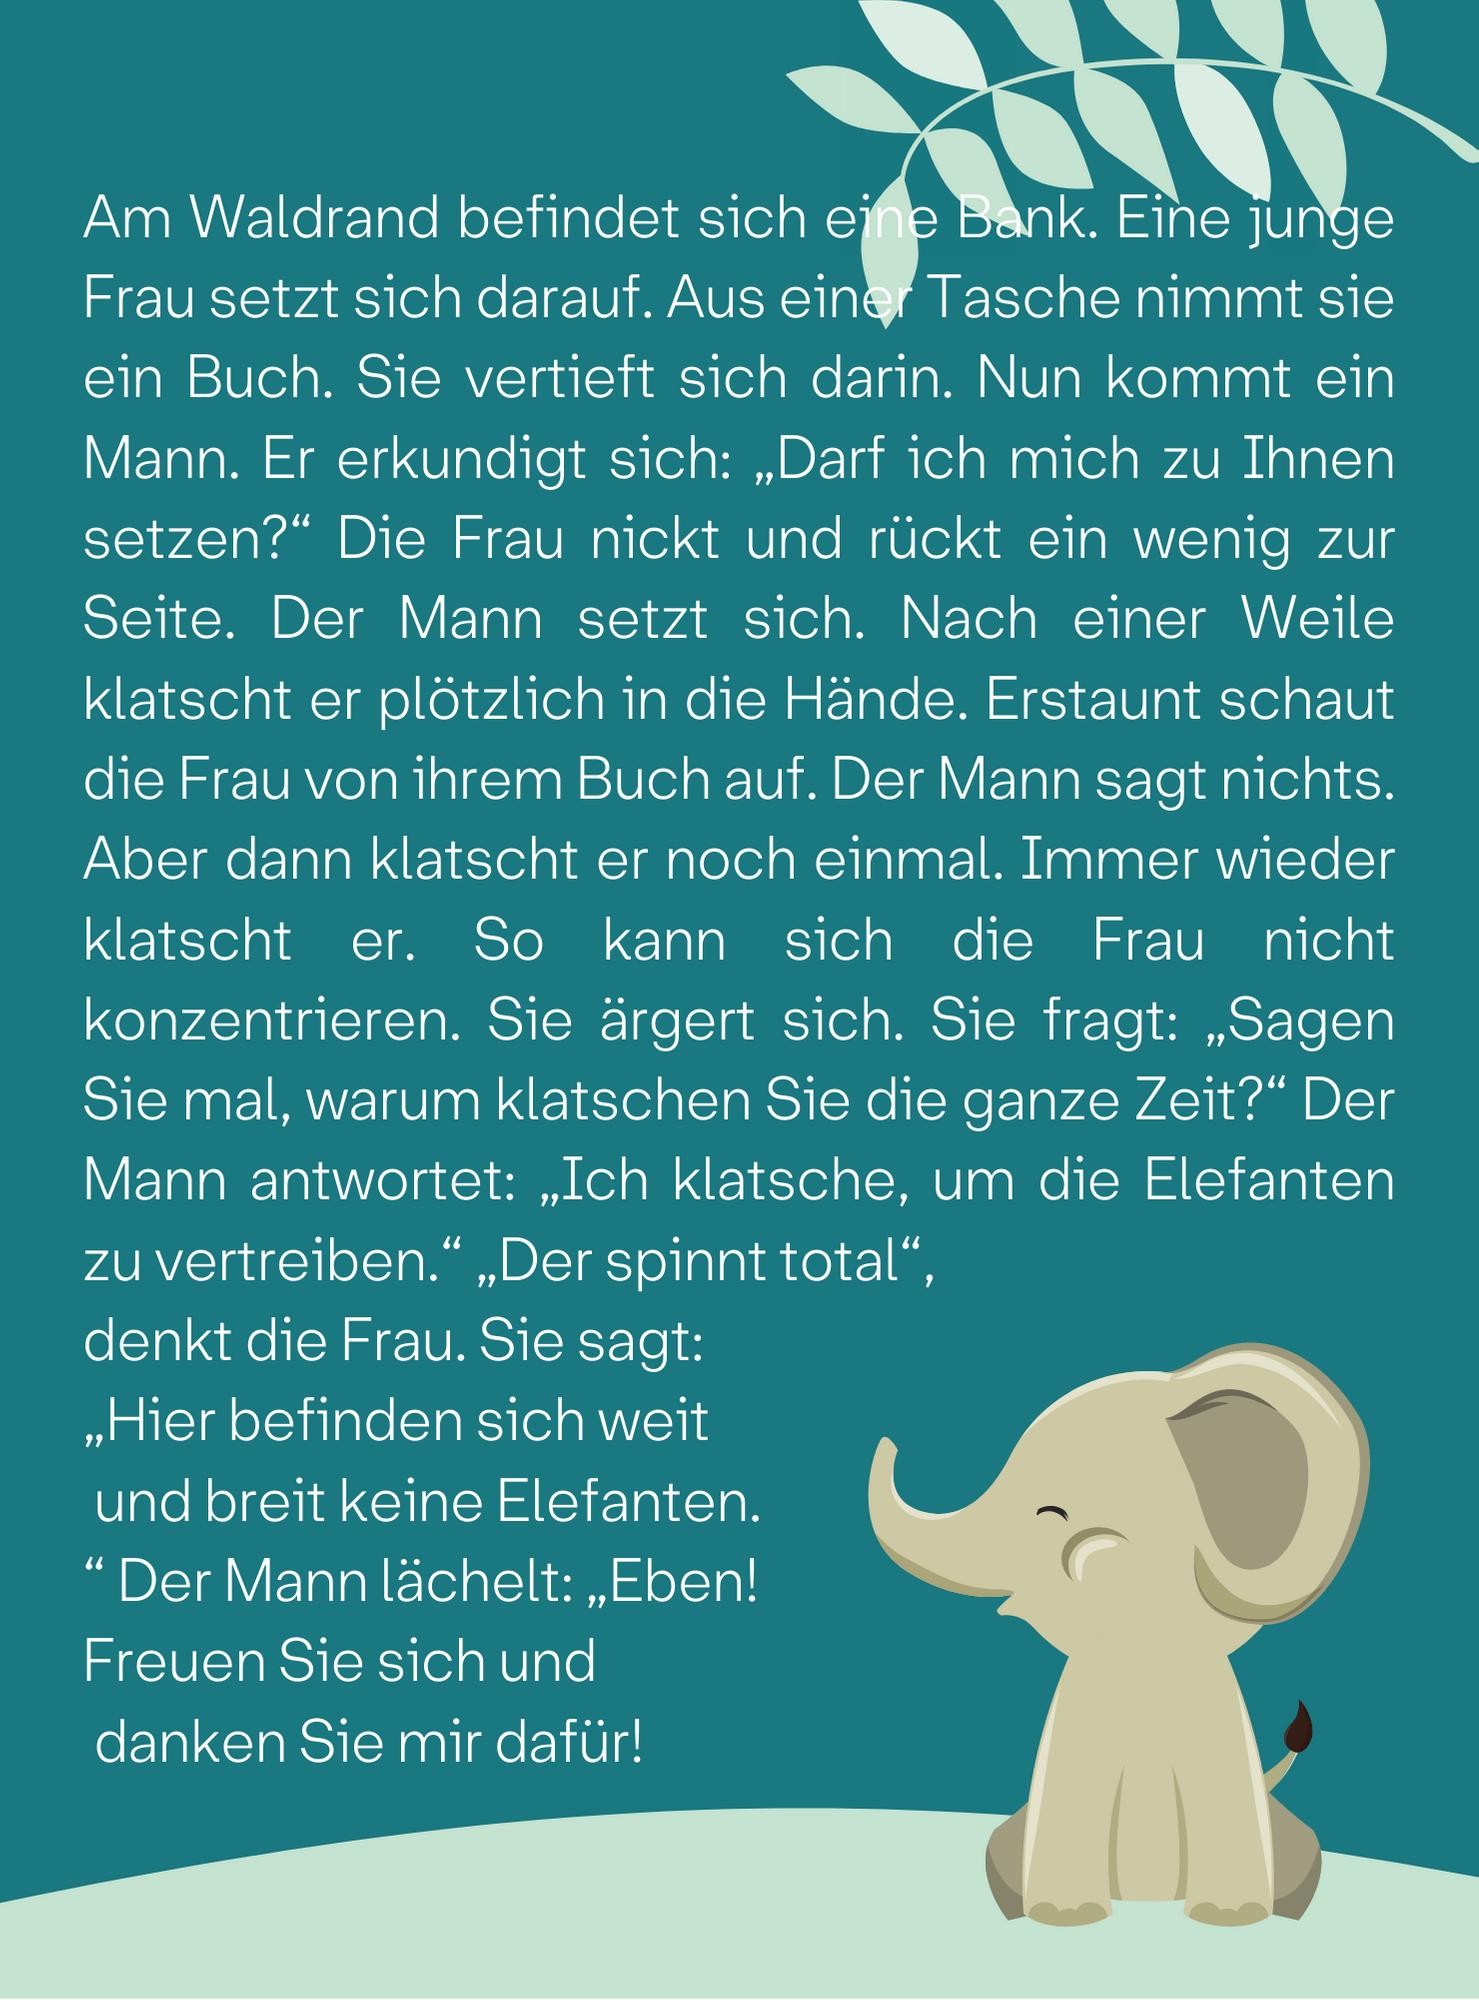 Hier gibts keine Elefanten masolata